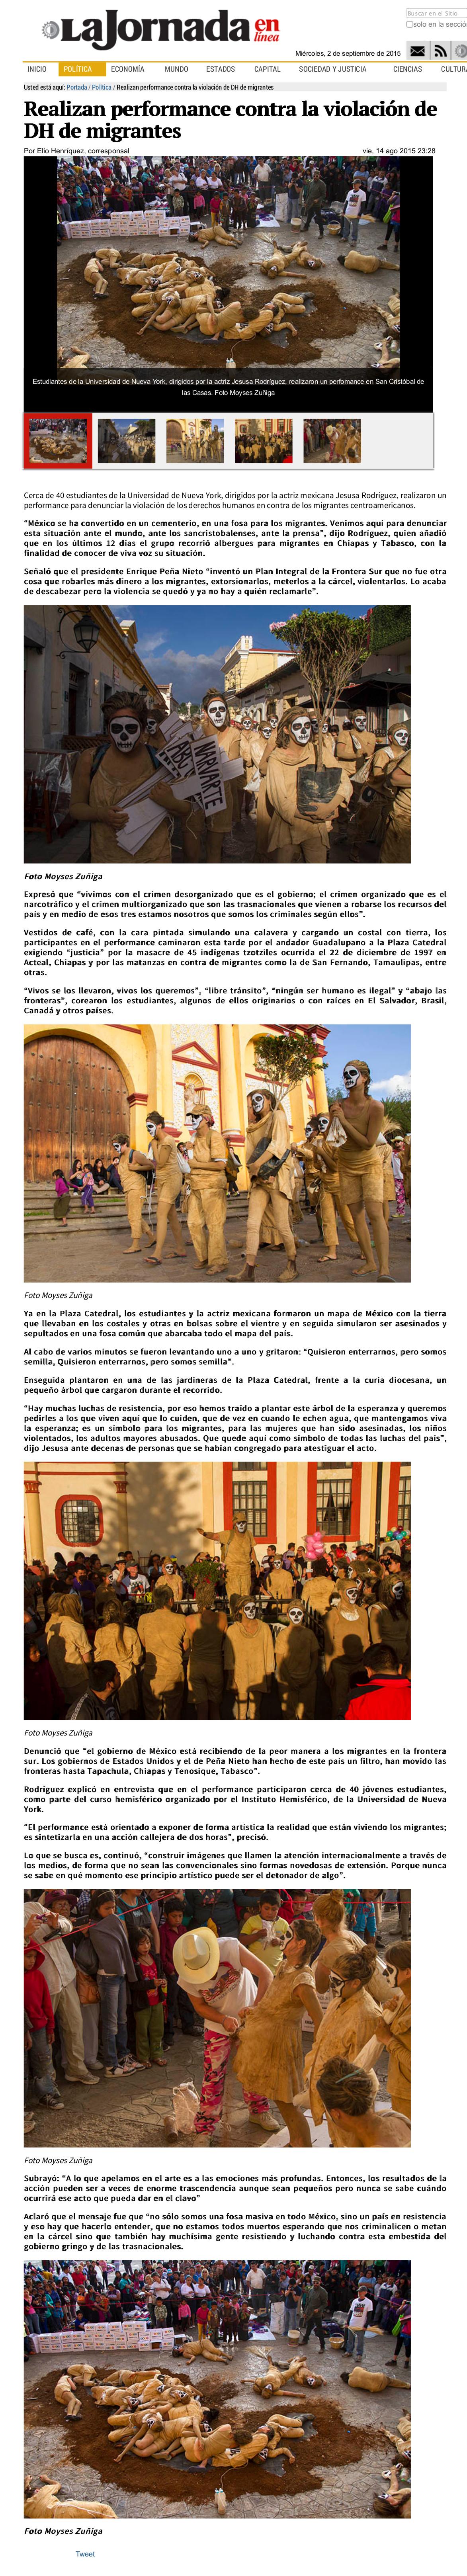 """Henríquez, Elio. 2015. """"Realizan performance contra la violación de DH de migrantes."""" La Jornada en línea. 14 de Agosto."""